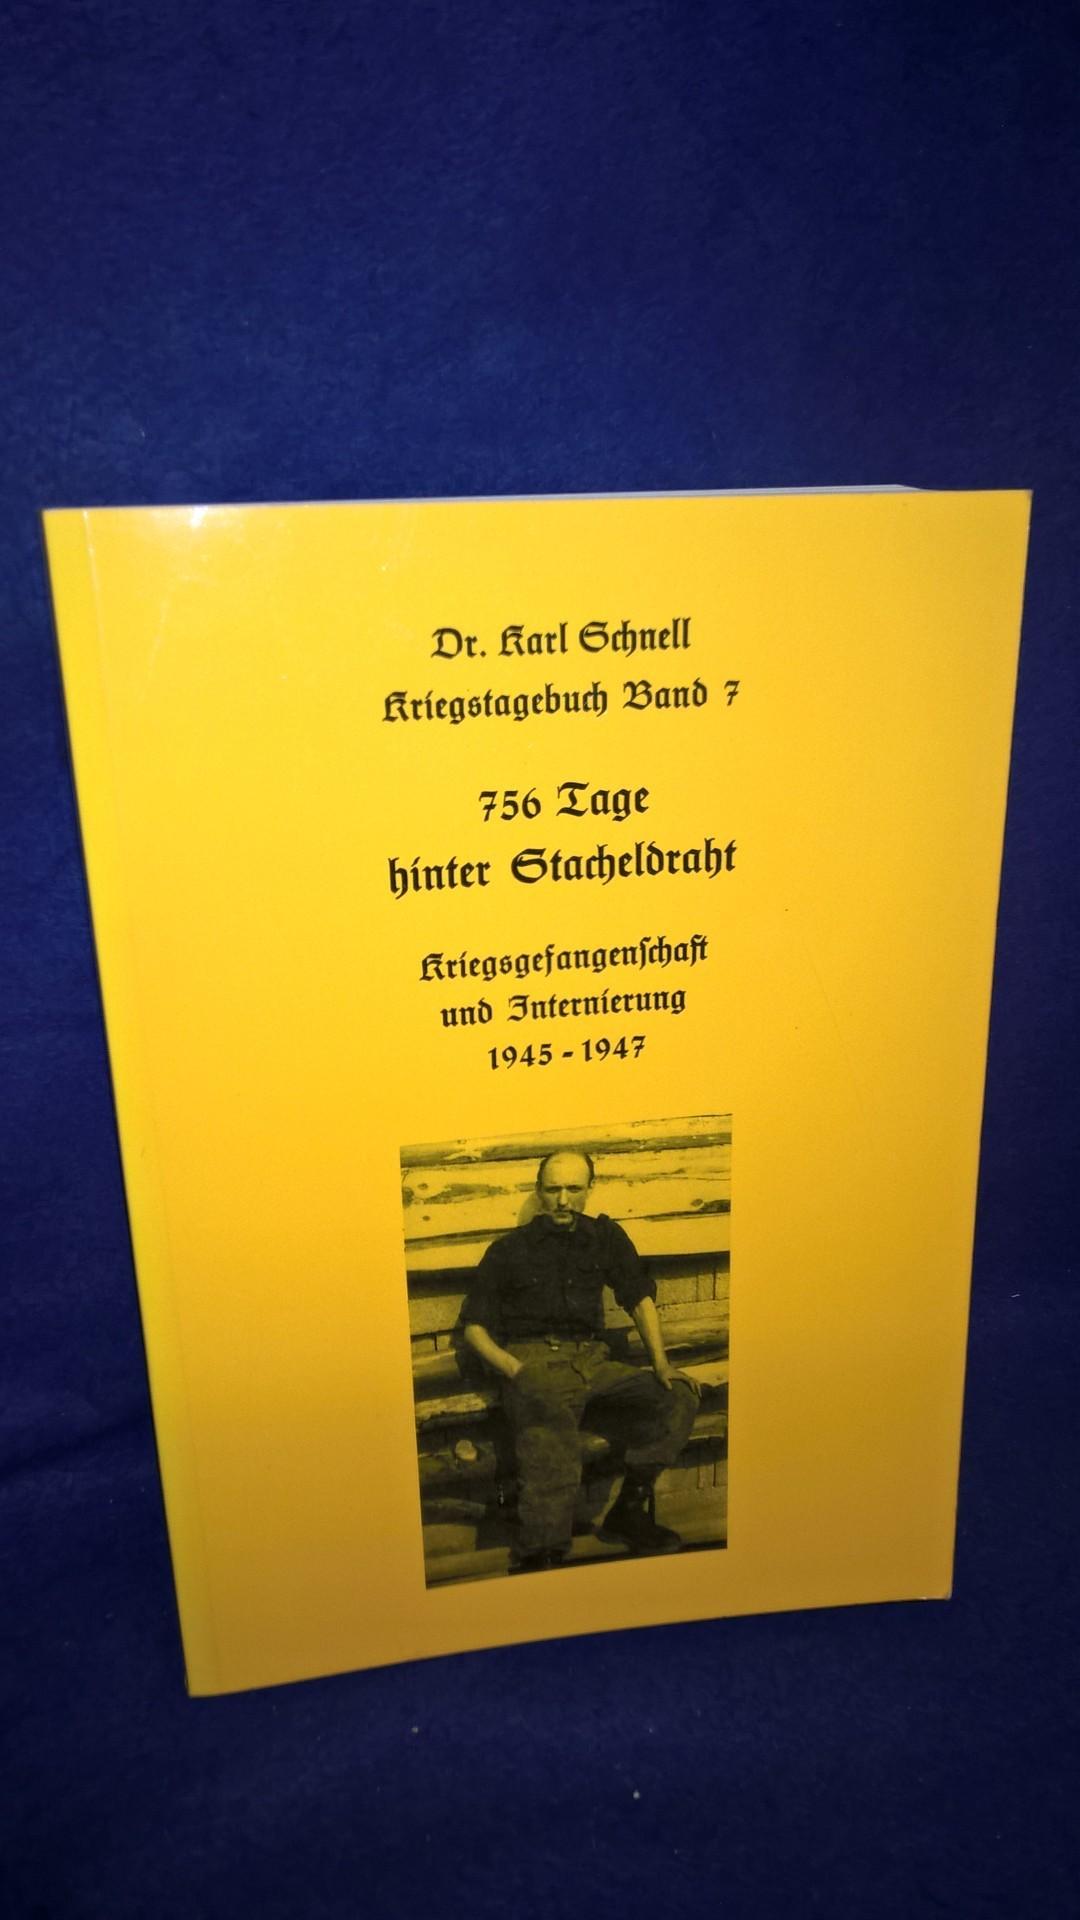 Dr. Karl Schnell. Kriegstagebuch Band 7 : 756 Tage hinter Stacheldraht. Kriegsgefangenschaft und Internierung 1945 - 1947. Seltenes Exemplar!